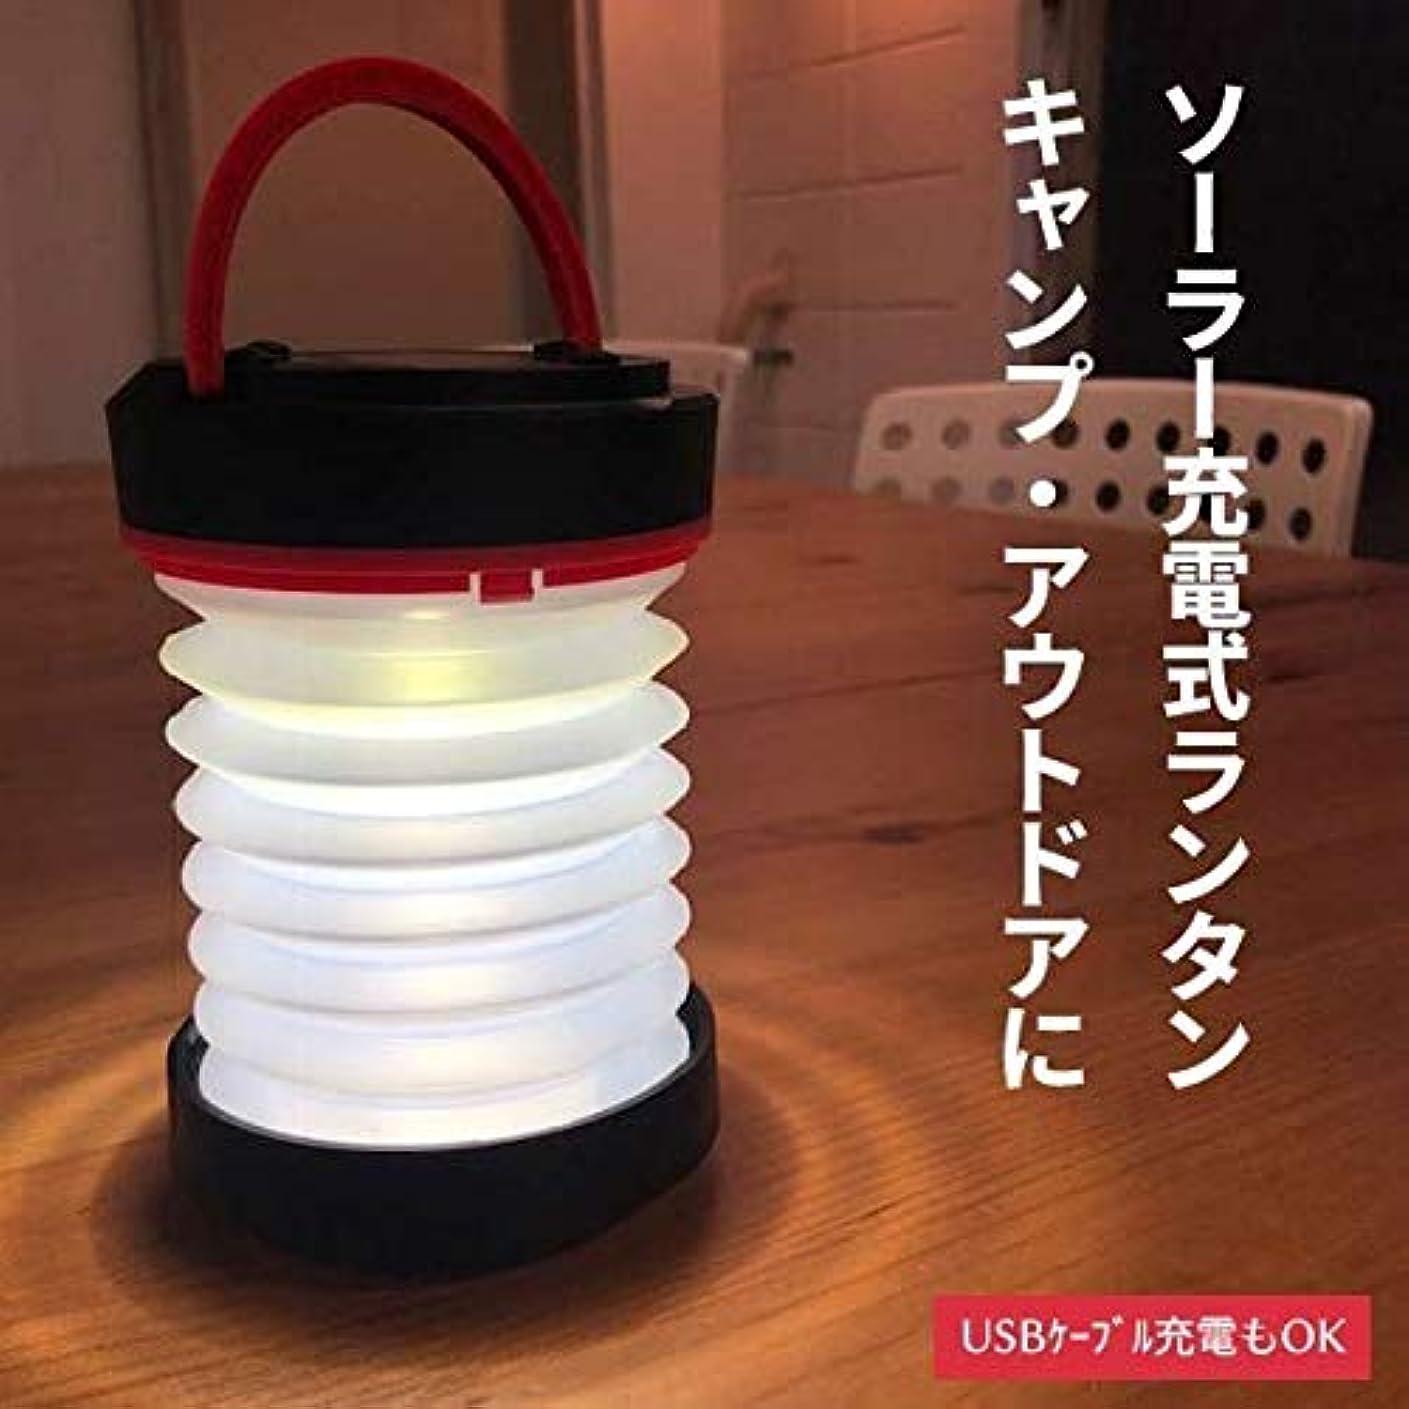 調査試験変動するランタン ソーラー LED キャンプ 釣り 防災 携帯充電可能 USB 野外 折りたたみ可能 懐中電灯 明るい アウトドア